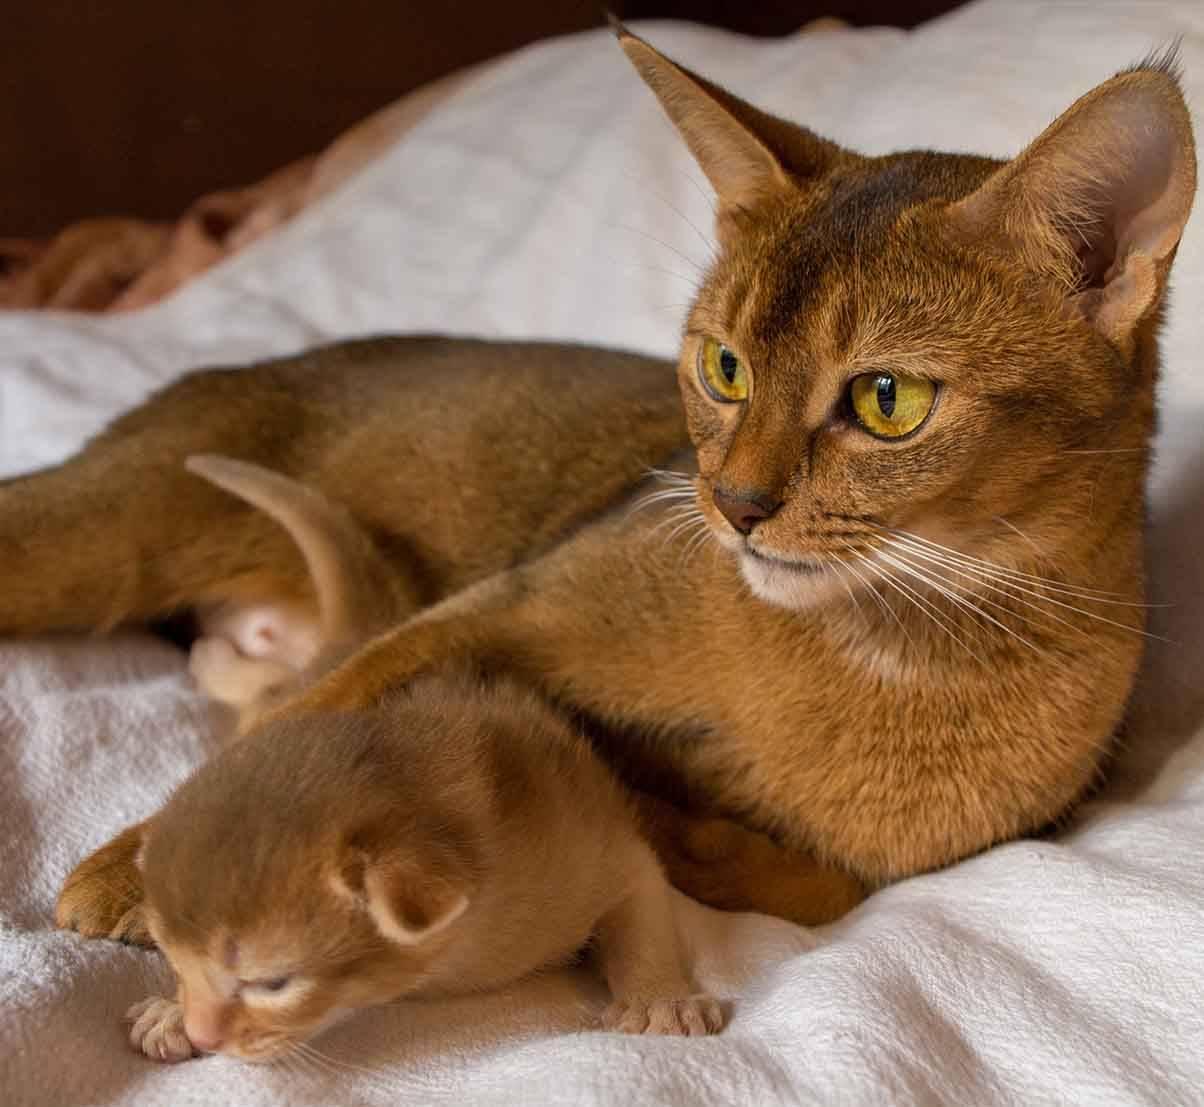 Абиссинская кошка: подробное описание, фото, купить, видео, цена, содержание дома